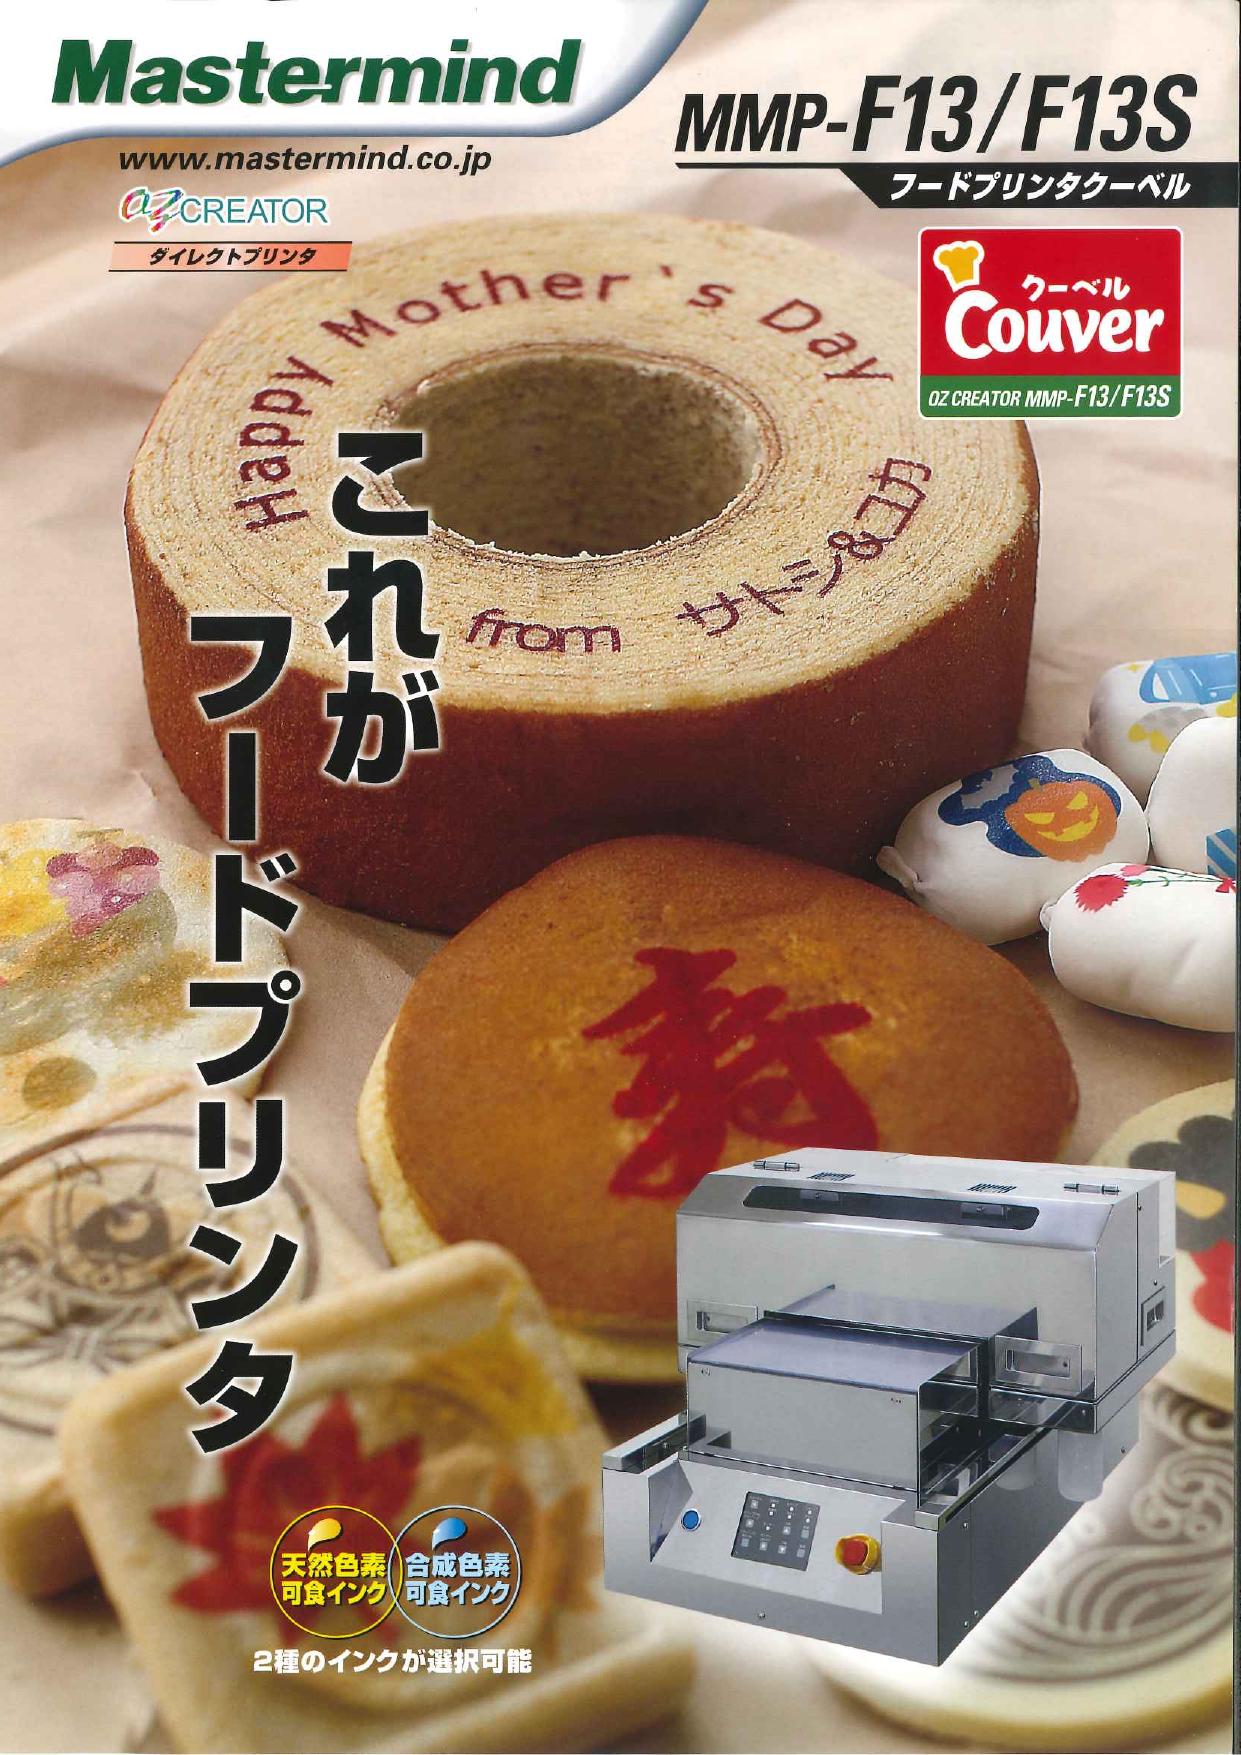 【食品への印刷】フードプリンタクーベル MMP-F13/F13S